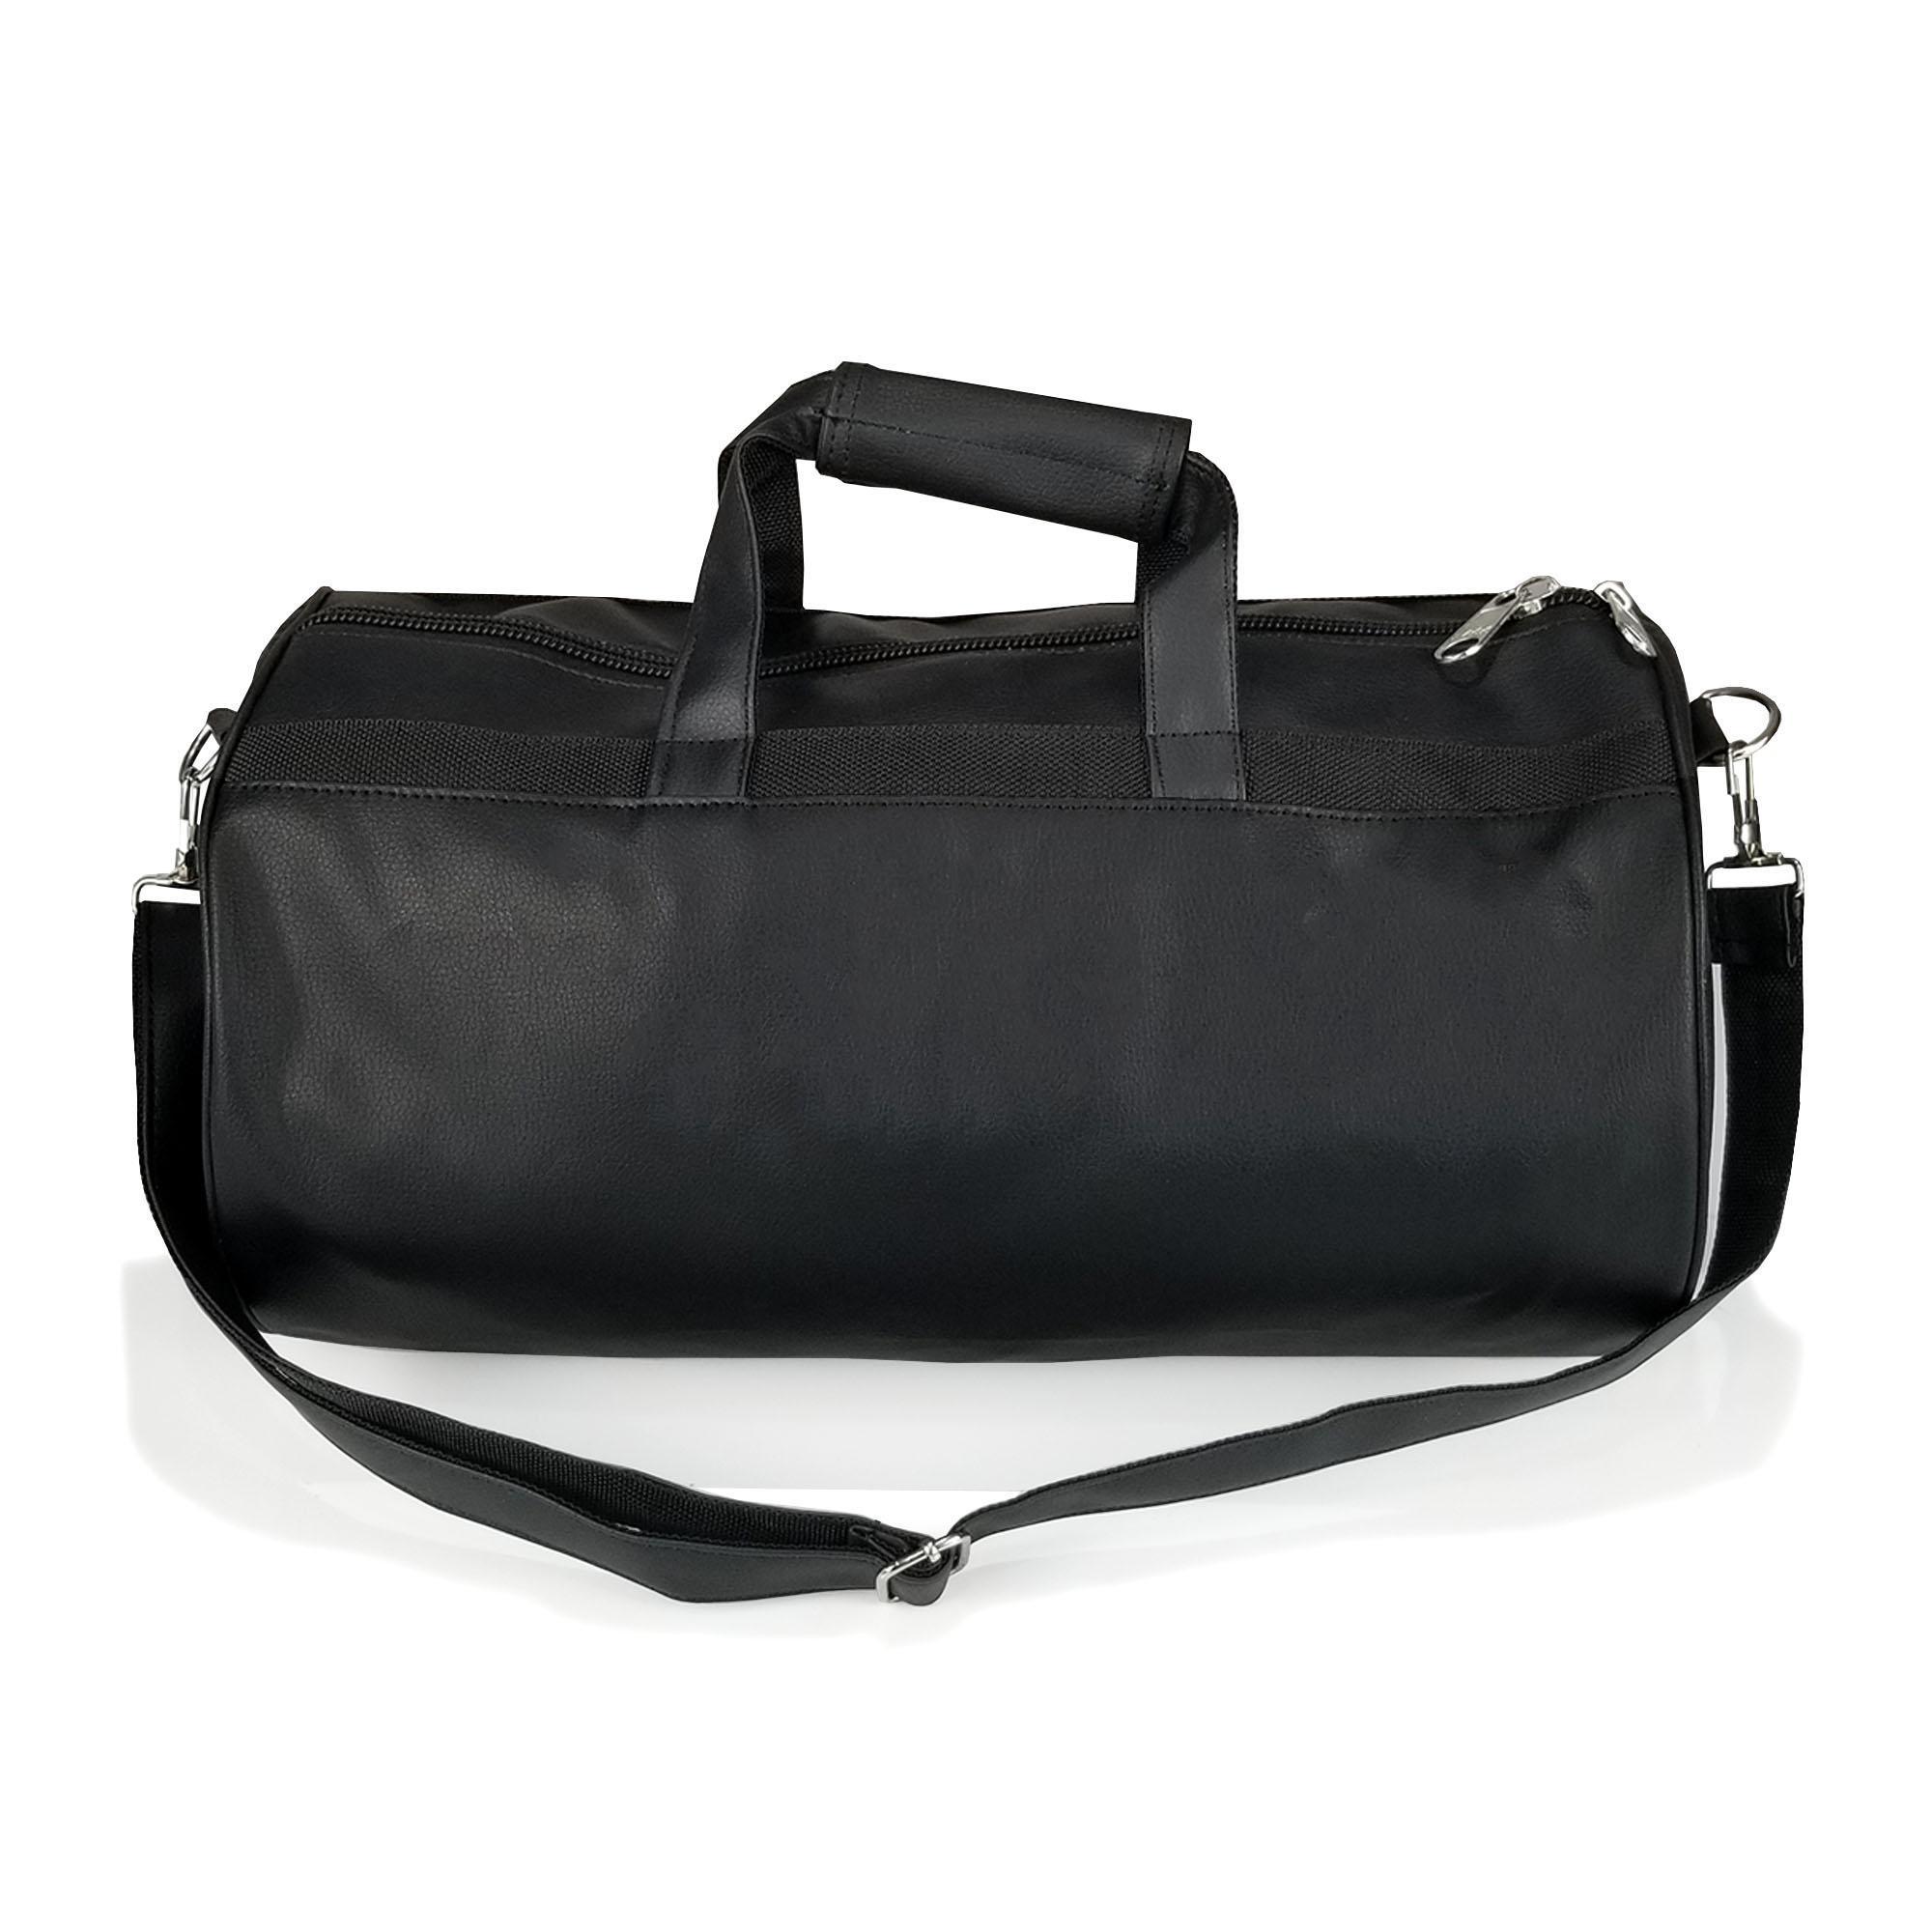 Weekender bags - Buy Weekender bags at Best Price in Nepal  079ae75c8d94c